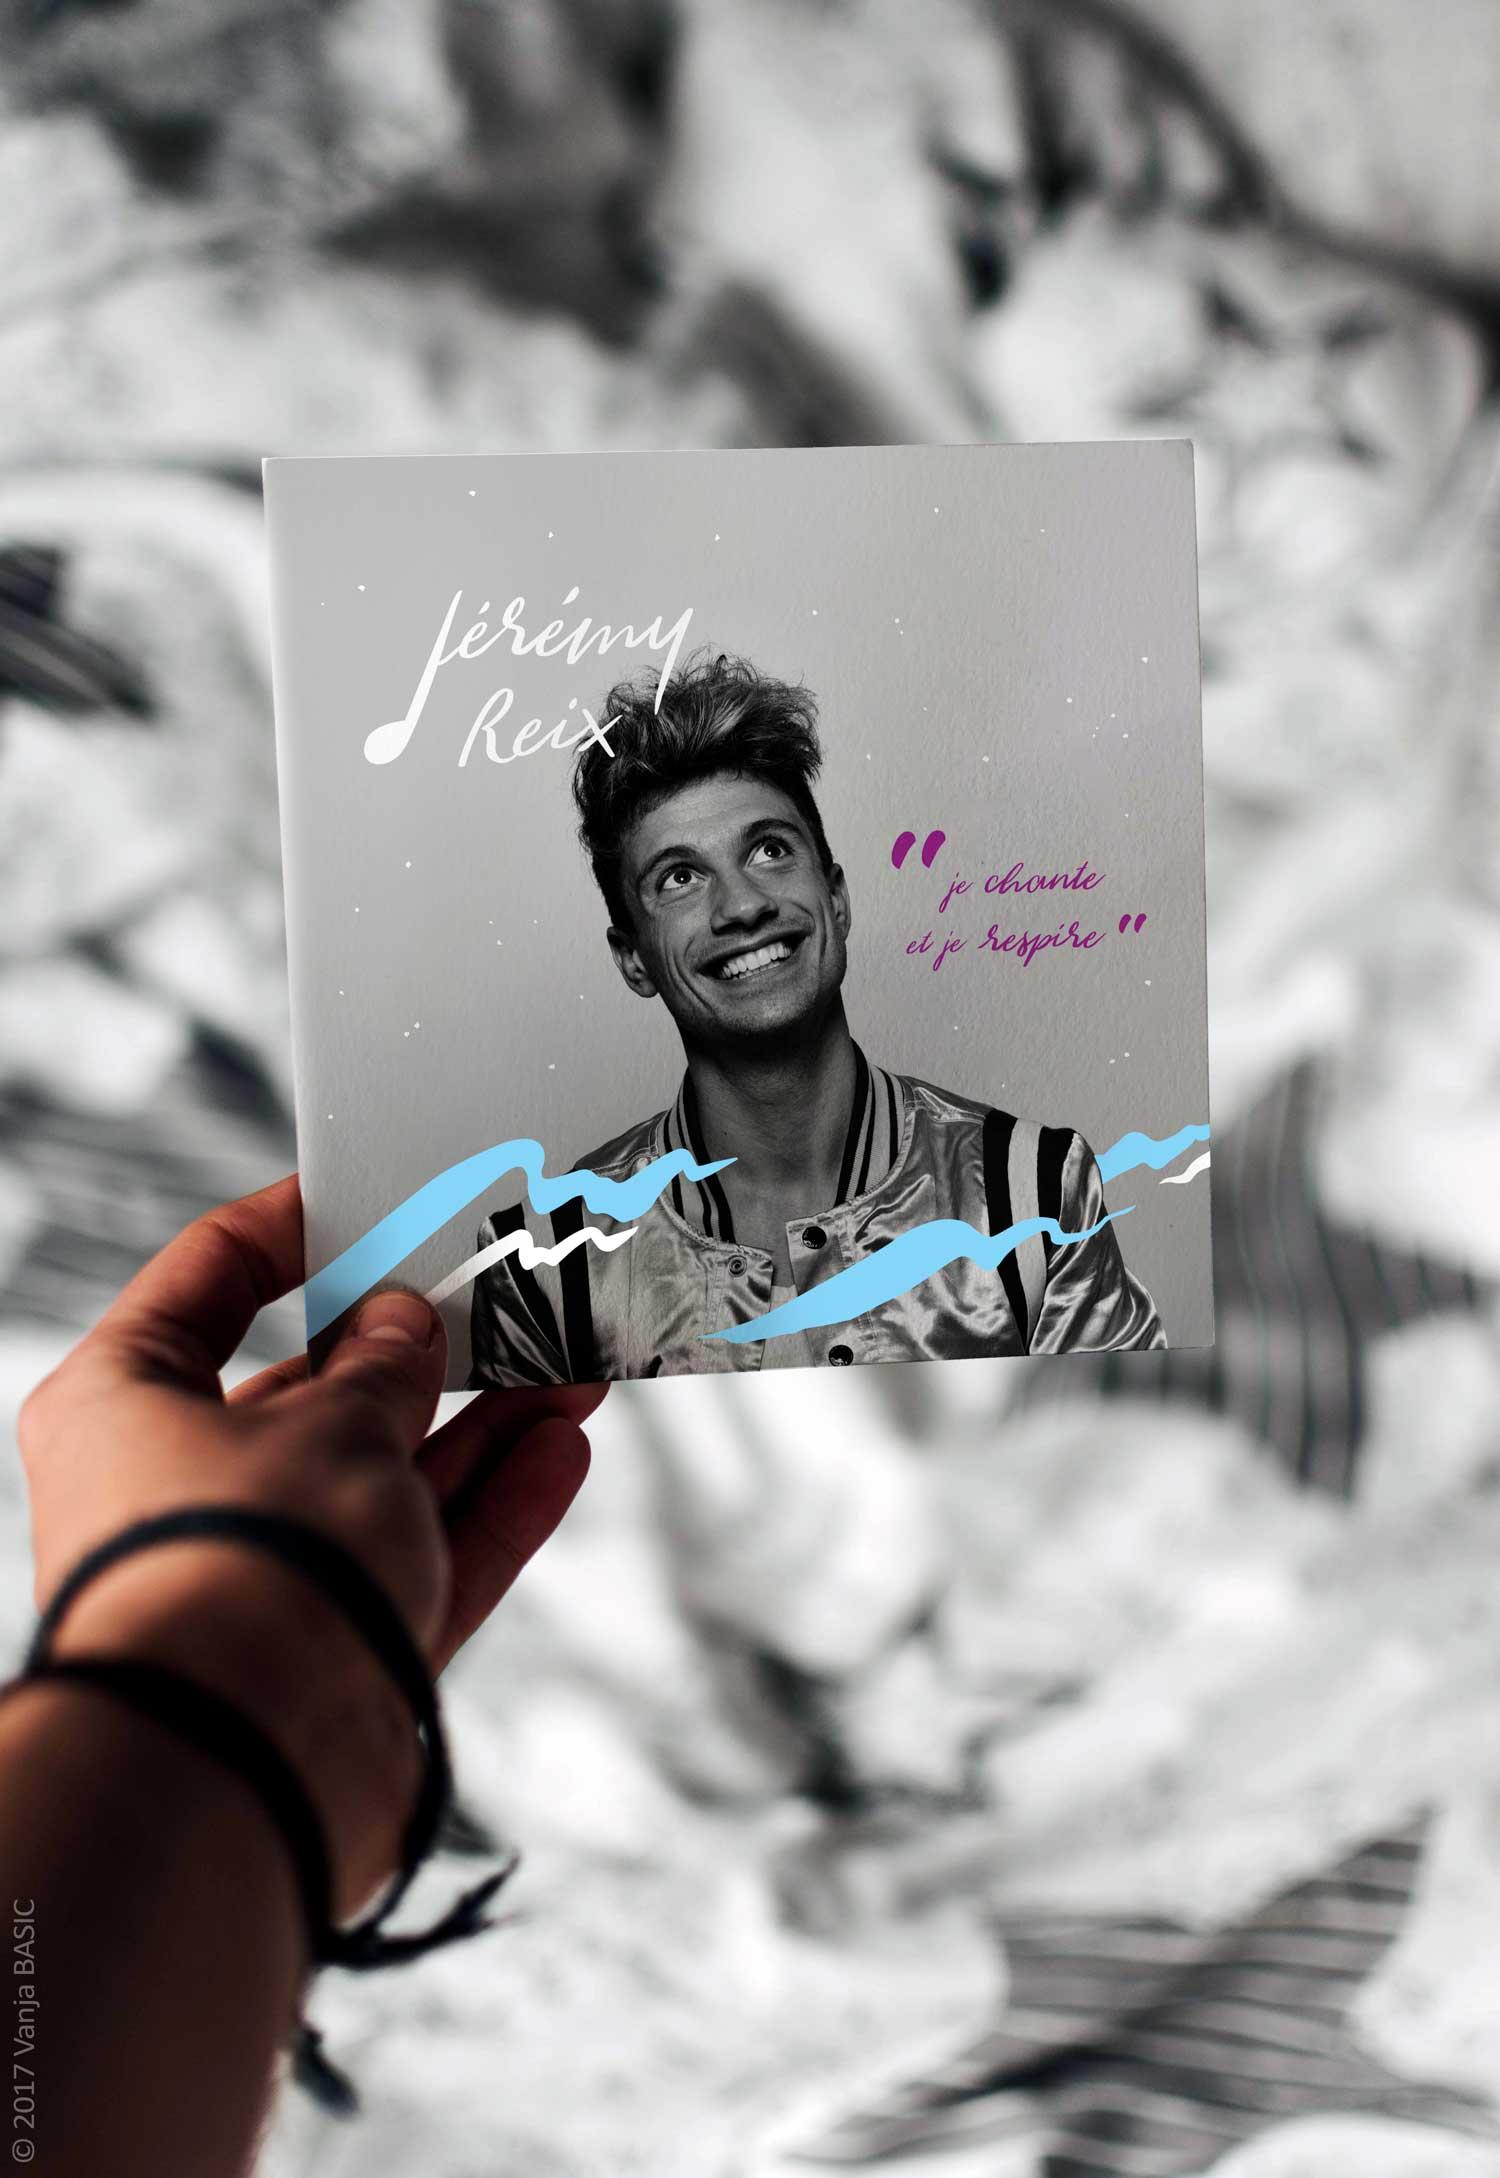 Pochette pour l'album «Je chante et je respire» de Jérémy Reix, chanteur de variété française